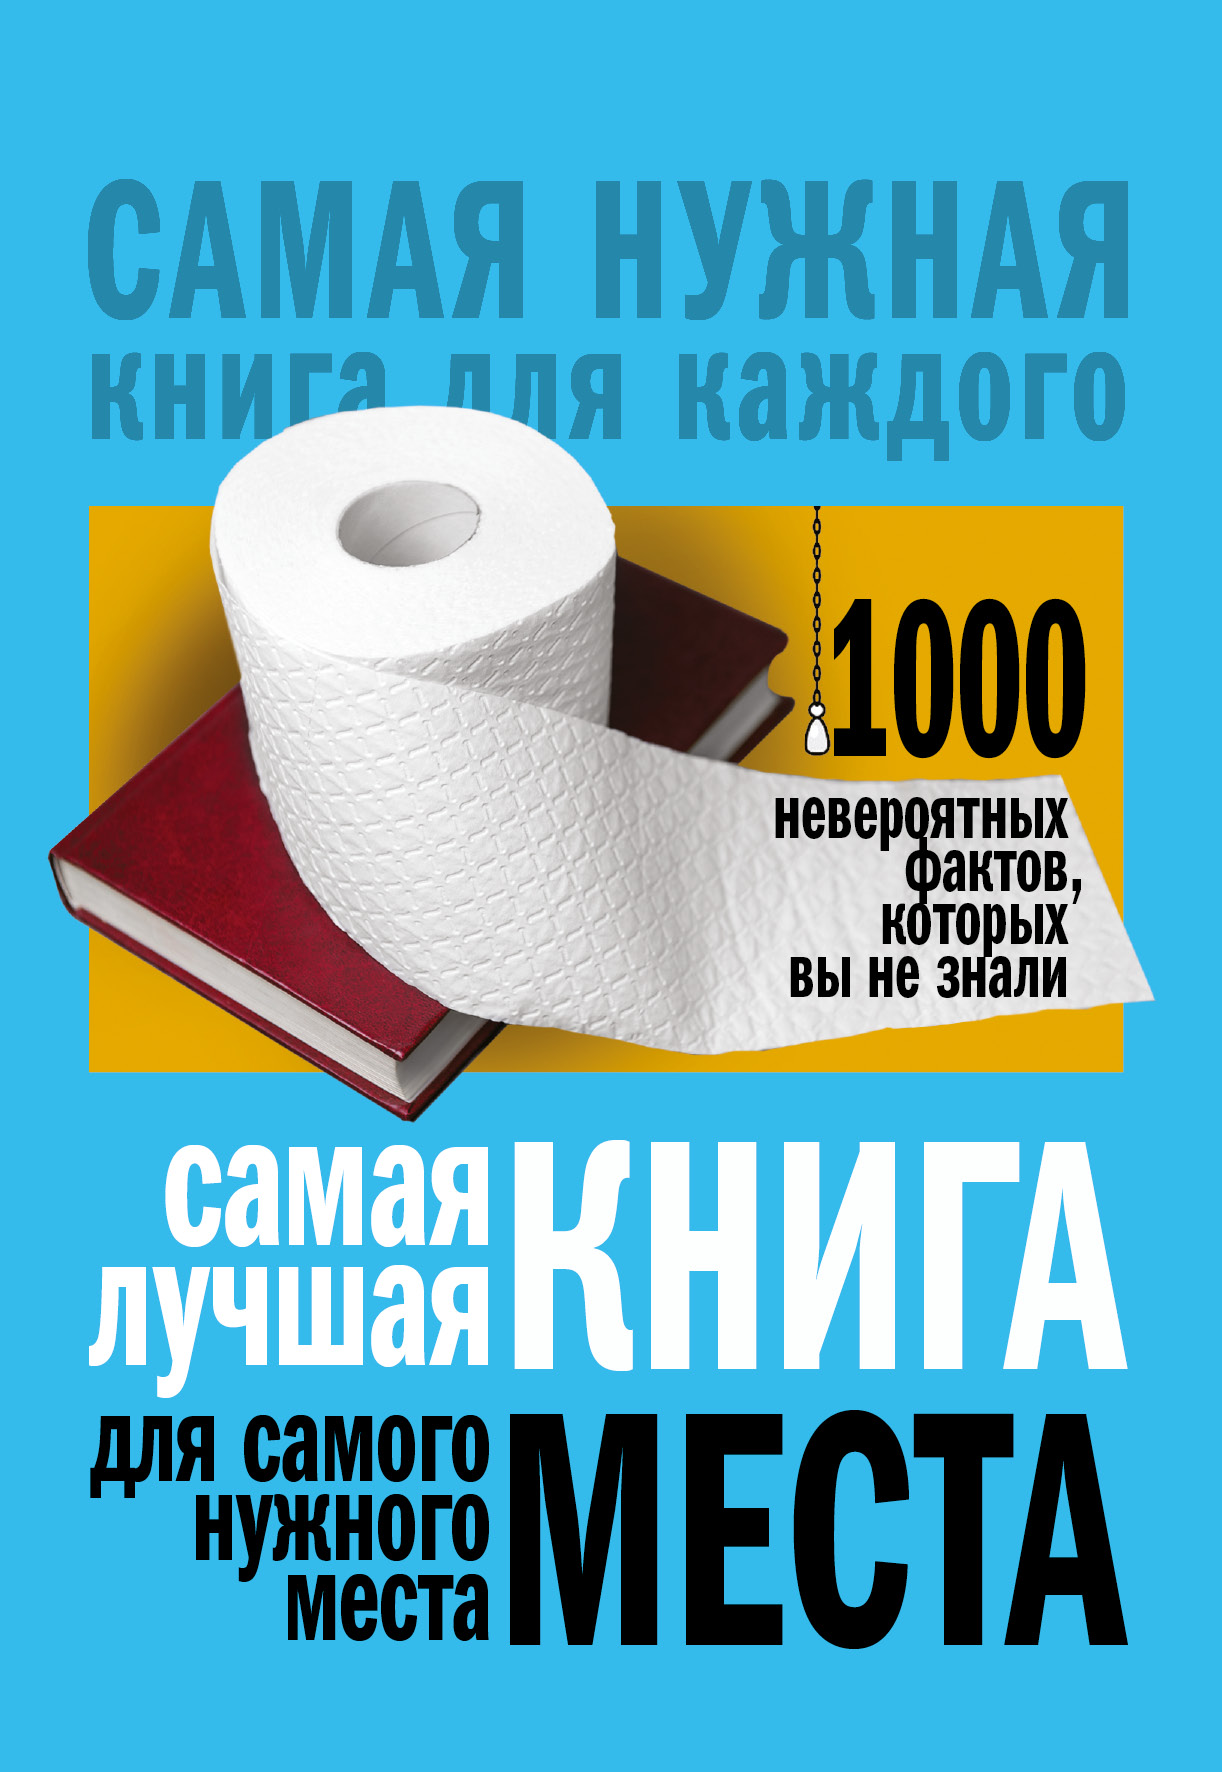 Самая лучшая книга для самого нужного места. 1000 невероятных фактов, которых вы не знали подвиги геракла cdmp3